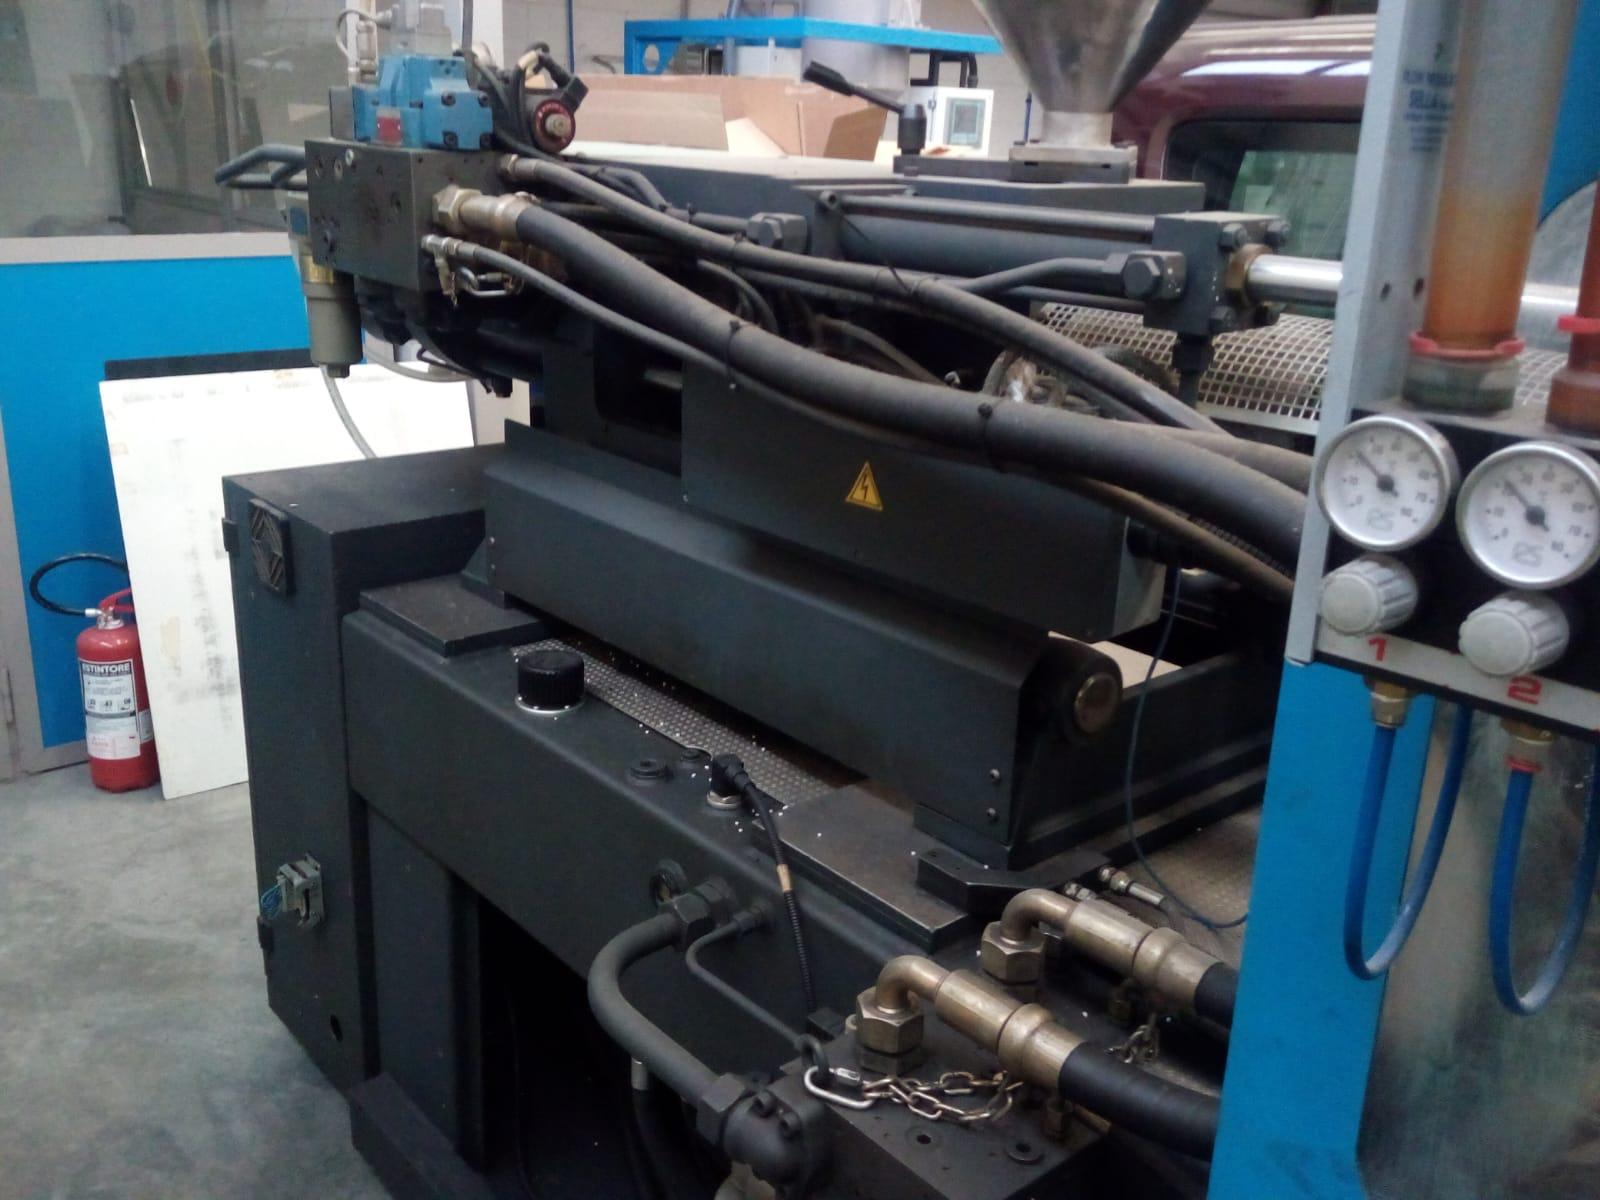 Pressa a iniezione per stampaggio plastica in vendita - foto 2